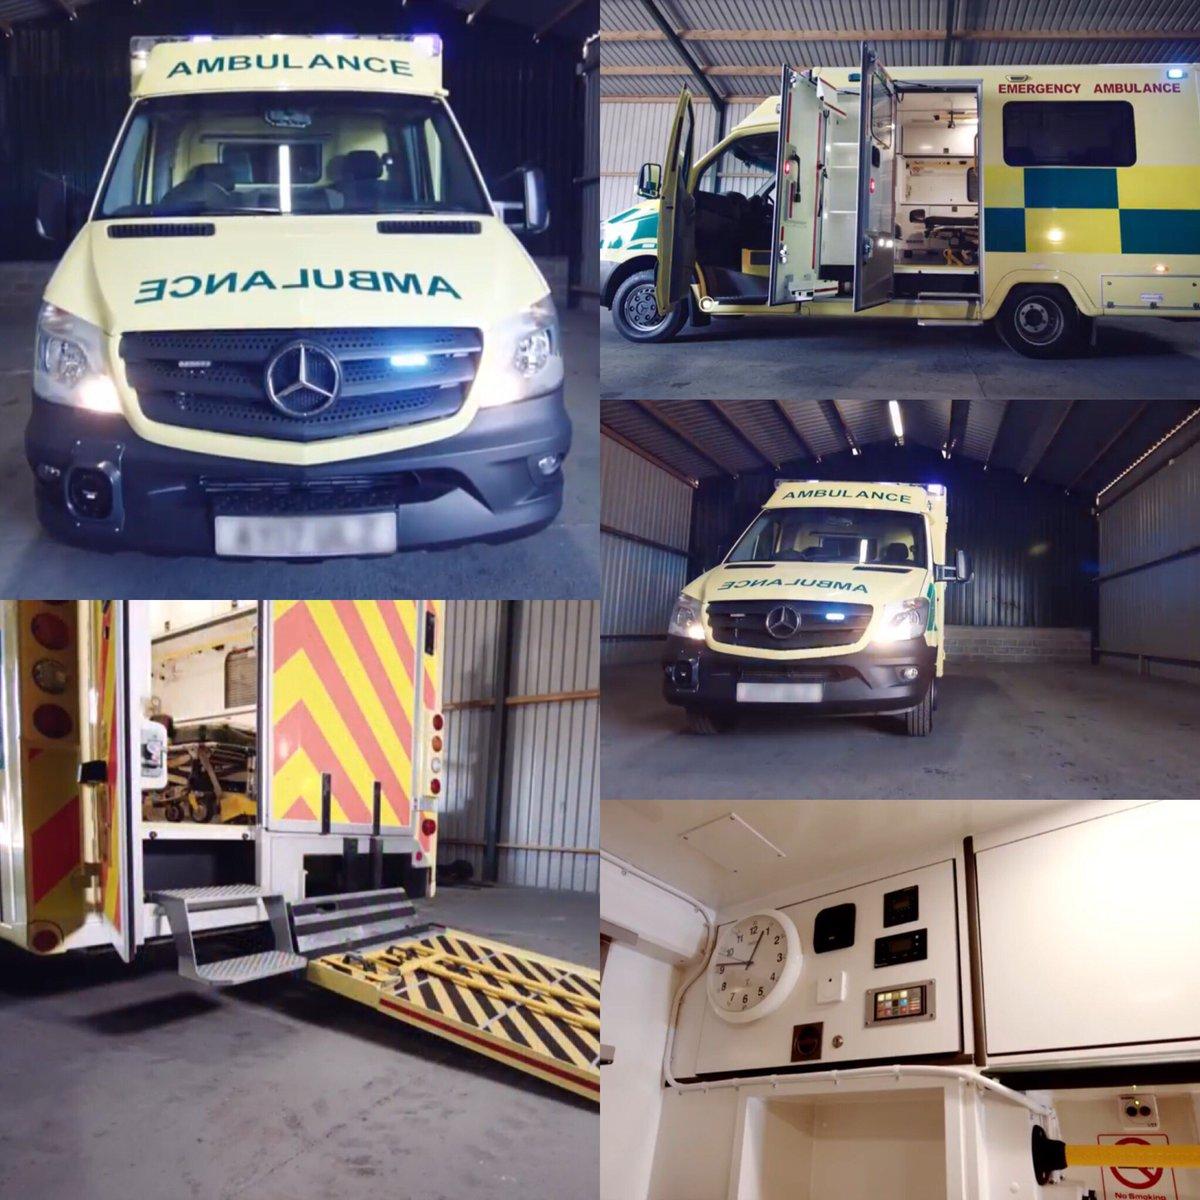 Echo Fire & Medical Ltd on Twitter: